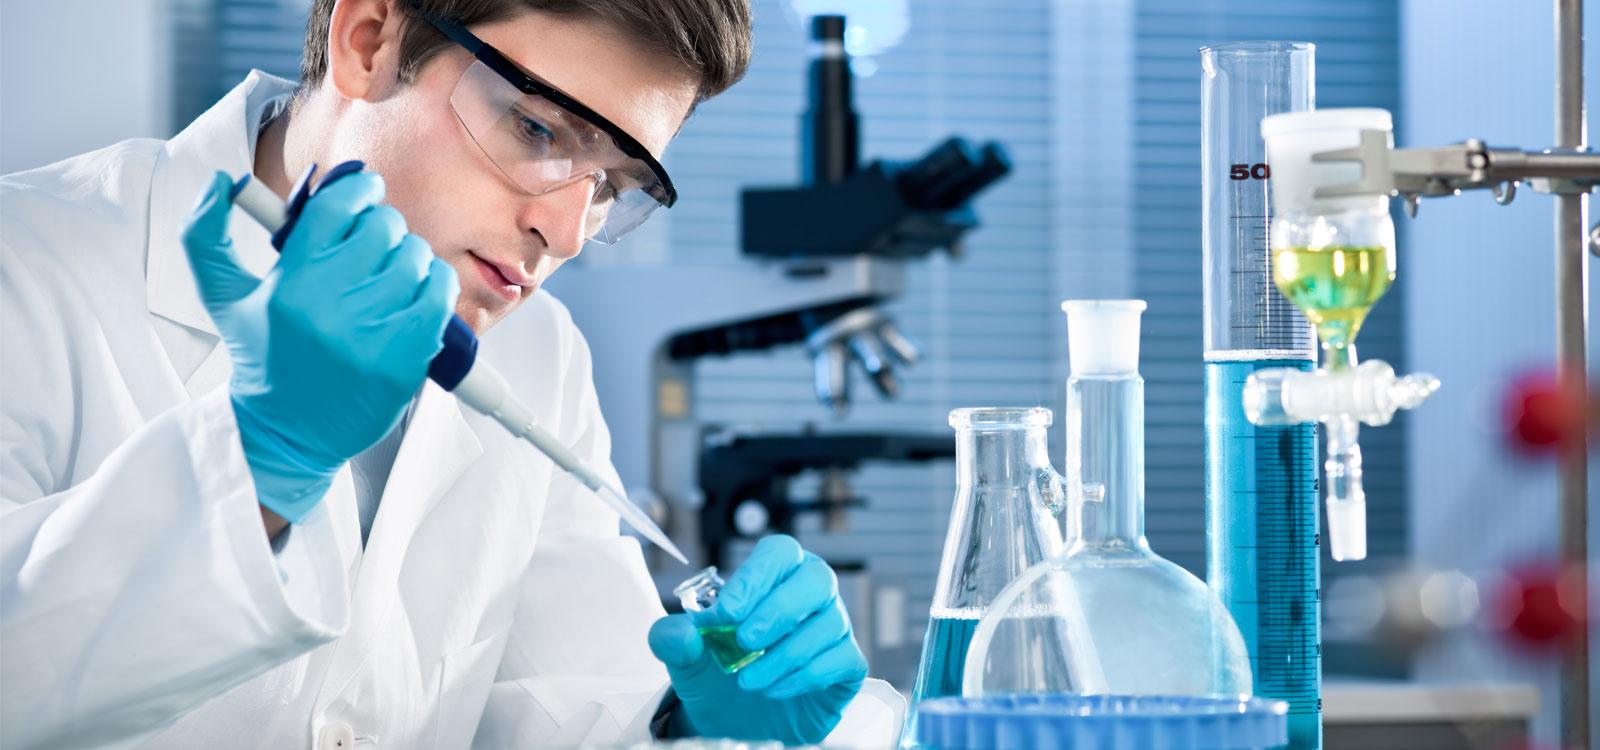 Сколько стоит анализ на гепатит b и c - e